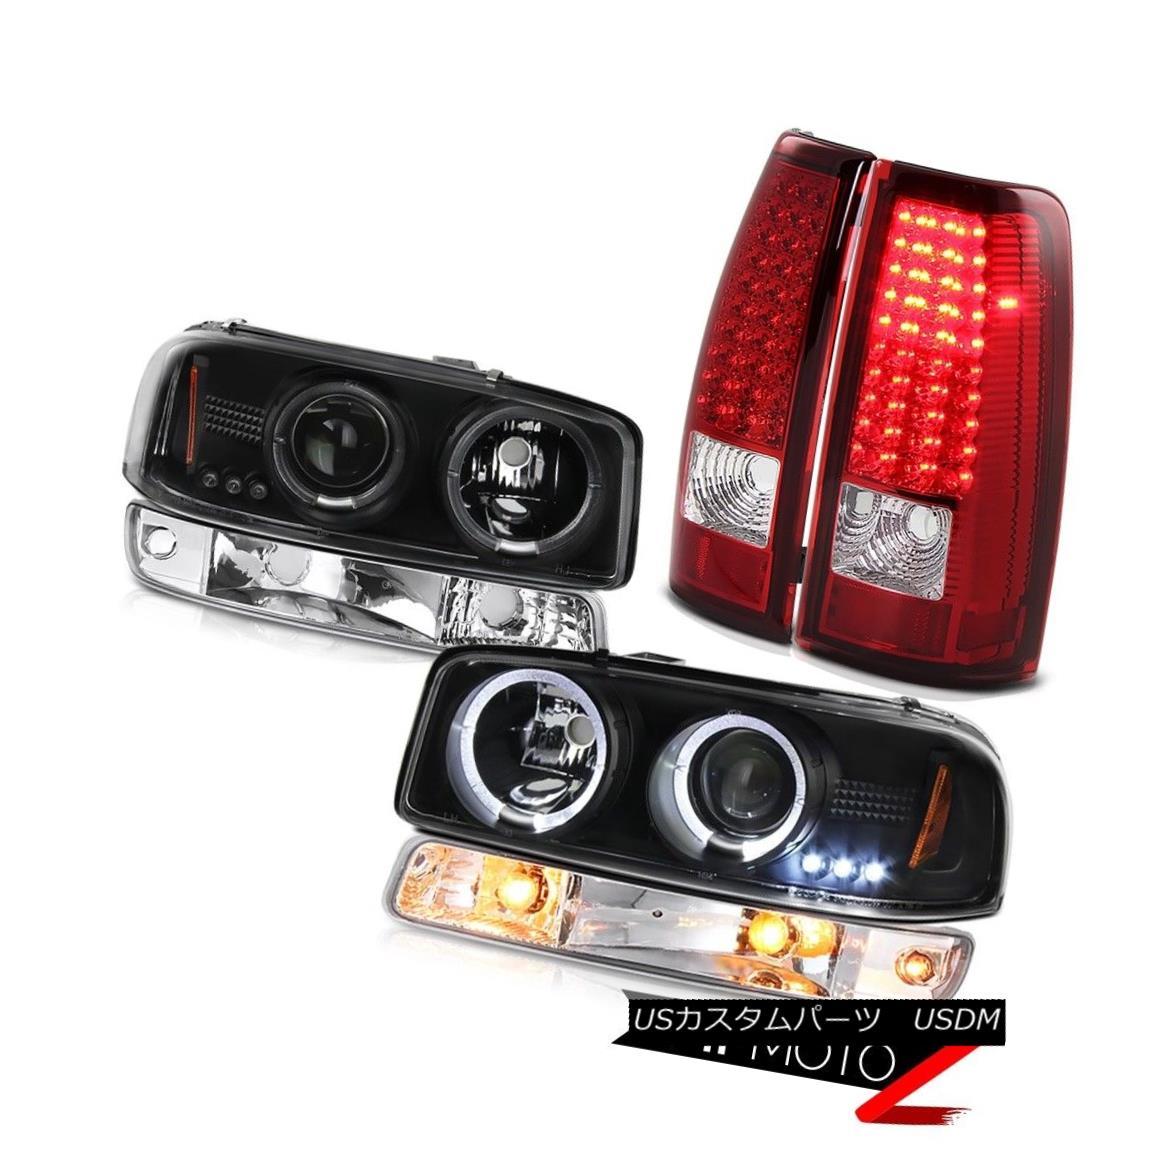 ヘッドライト 99 00 01 02 Sierra WT SMD taillights chrome parking lamp raven black headlamps 99 00 01 02 Sierra WT SMDテールランプクロームパーキングランプレーンブラックヘッドランプ